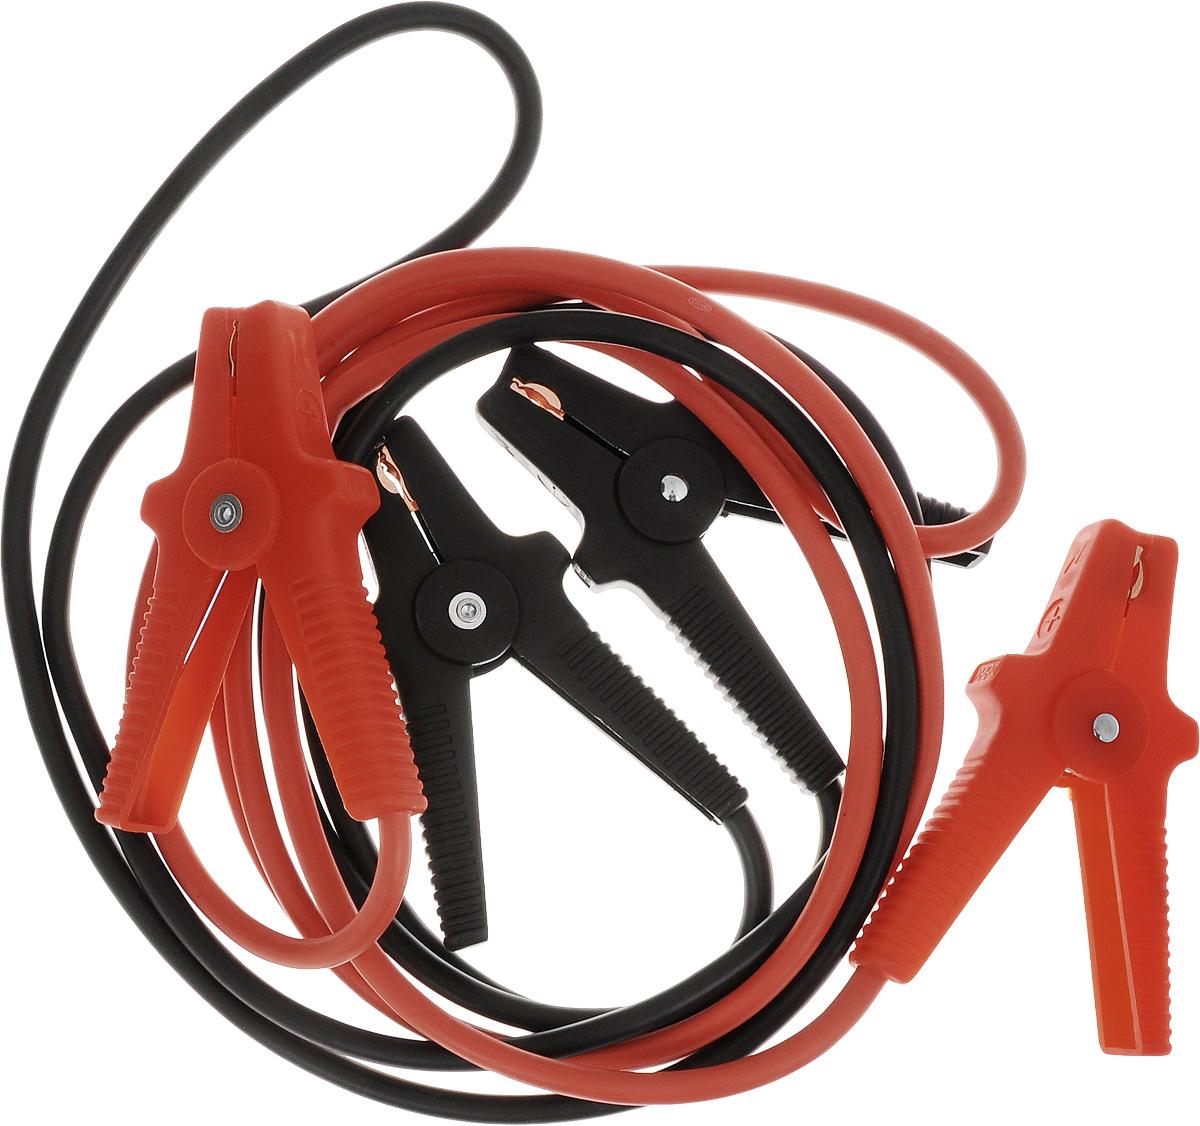 Старт-кабель Alca, CCA 400 А, длина 3 м2012506200424Старт-кабель Alca выполнены из алюминия с медным покрытием. Зажимы полностью изолированы. Руководство по эксплуатации: Присоединение.Кабель с красными зажимами присоединить к плюсовой клемме разряженного аккумулятора, затем присоединить к плюсовой клемме аккумулятора, от которого производится пуск. Кабель с черными зажимами подключить к минусовой клемме аккумулятора, от которой производится пуск и к массе автомобиля с разряженной батареей, например к кабелю массы либо к не изолированной точке моторного блока, причем на максимальном удалении от аккумулятора, которым производится пуск для избежания возможного возгорания образующегося разрядного газа.Пуск.После присоединения проводов стартер-кабеля запустить двигатель автомобиля, от которого производится пуск, и установить средние обороты. Запустить двигатель автомобиля с разряженным аккумулятором. После каждой попытки запуска двигателя, длительность которого не должна превышать 15 секунд, необходима пауза около 1 минуты. После успешного запуска двигателя продолжить 2-3 минуты до устойчивой работы.Отсоединение:Отсоединение производиться в обратном от присоединения порядке. Сначала отсоединяется черный зажим от кабеля массы либо моторного блока автомобиля с разряженным аккумулятором. Затем отключить оба красных зажимав произвольном порядке. При отсоединении проводов стартер-кабеля обращать внимание на исключение контакта стартер-кабеля с возвращающимся частями двигателя.Выдерживает температуру от +150°С до -50°С.В комплект входит сумка.